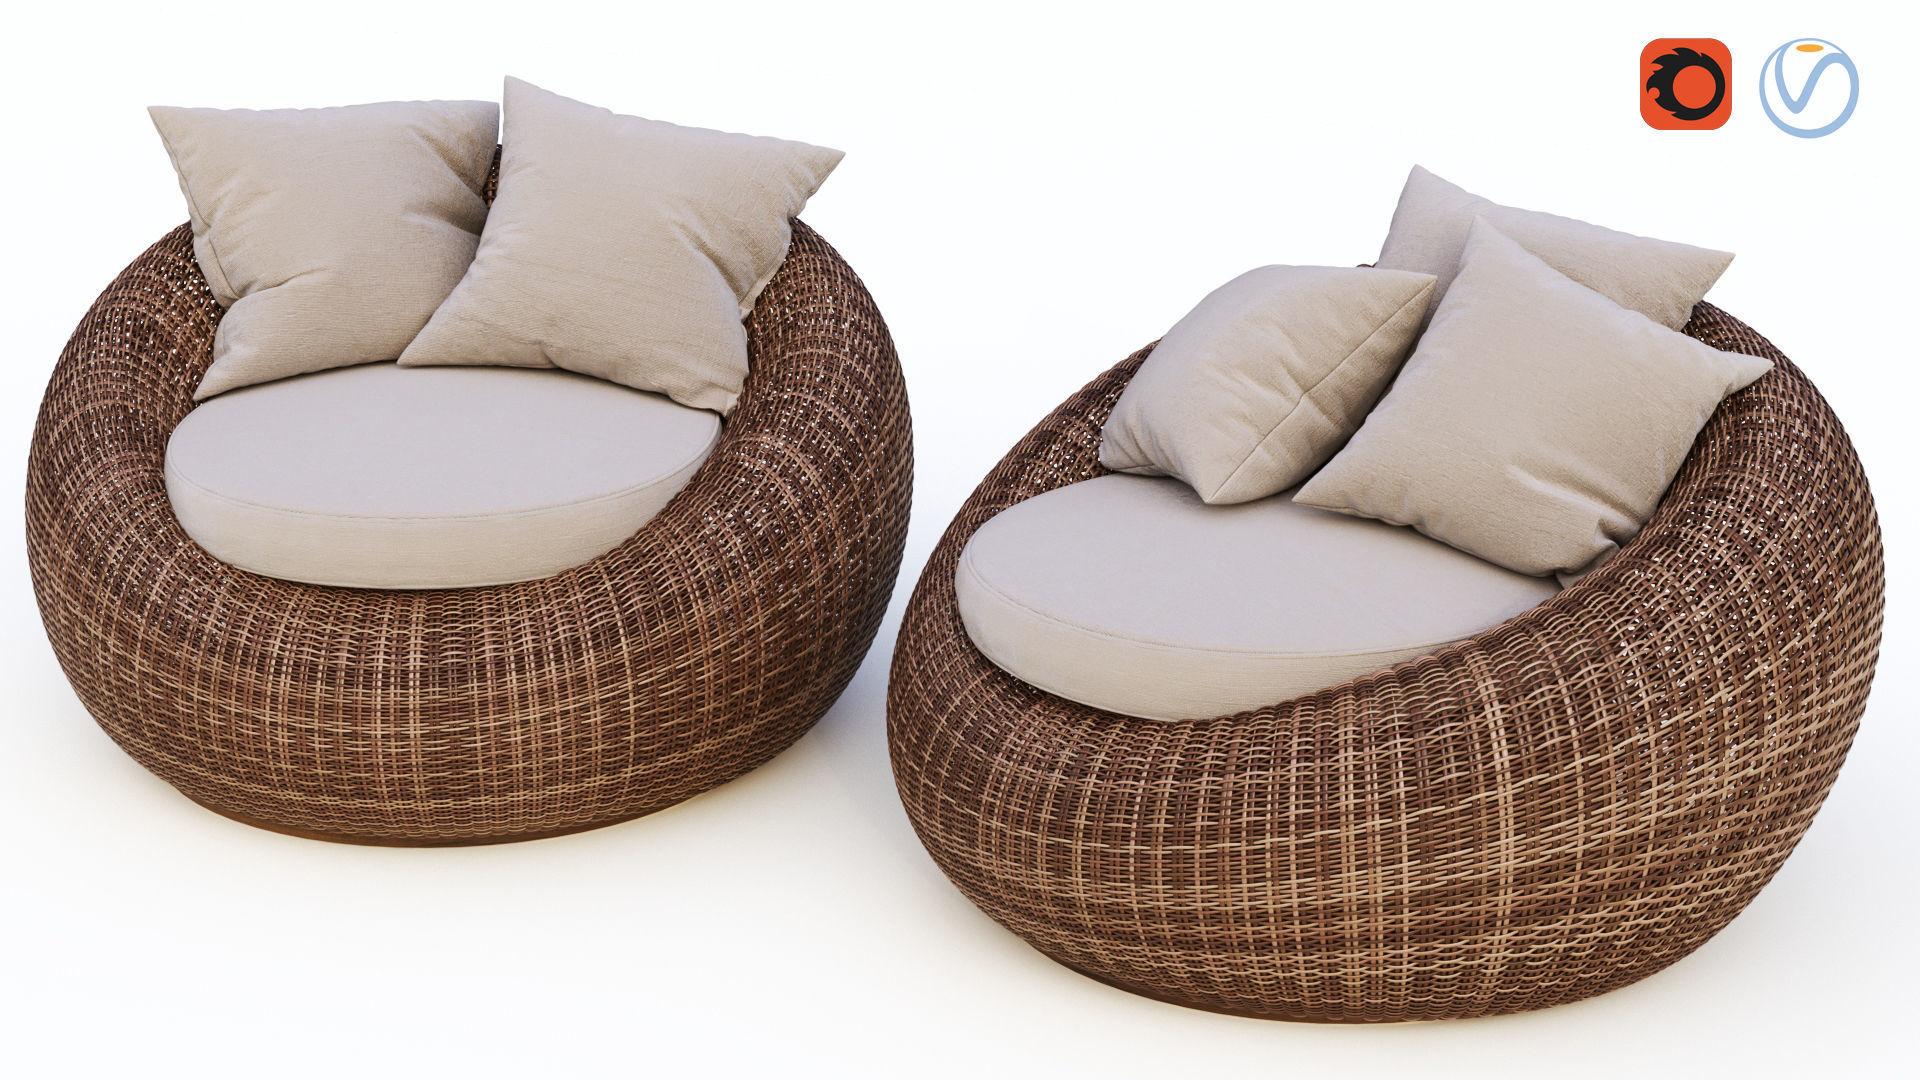 Rattan chairs Kiwi